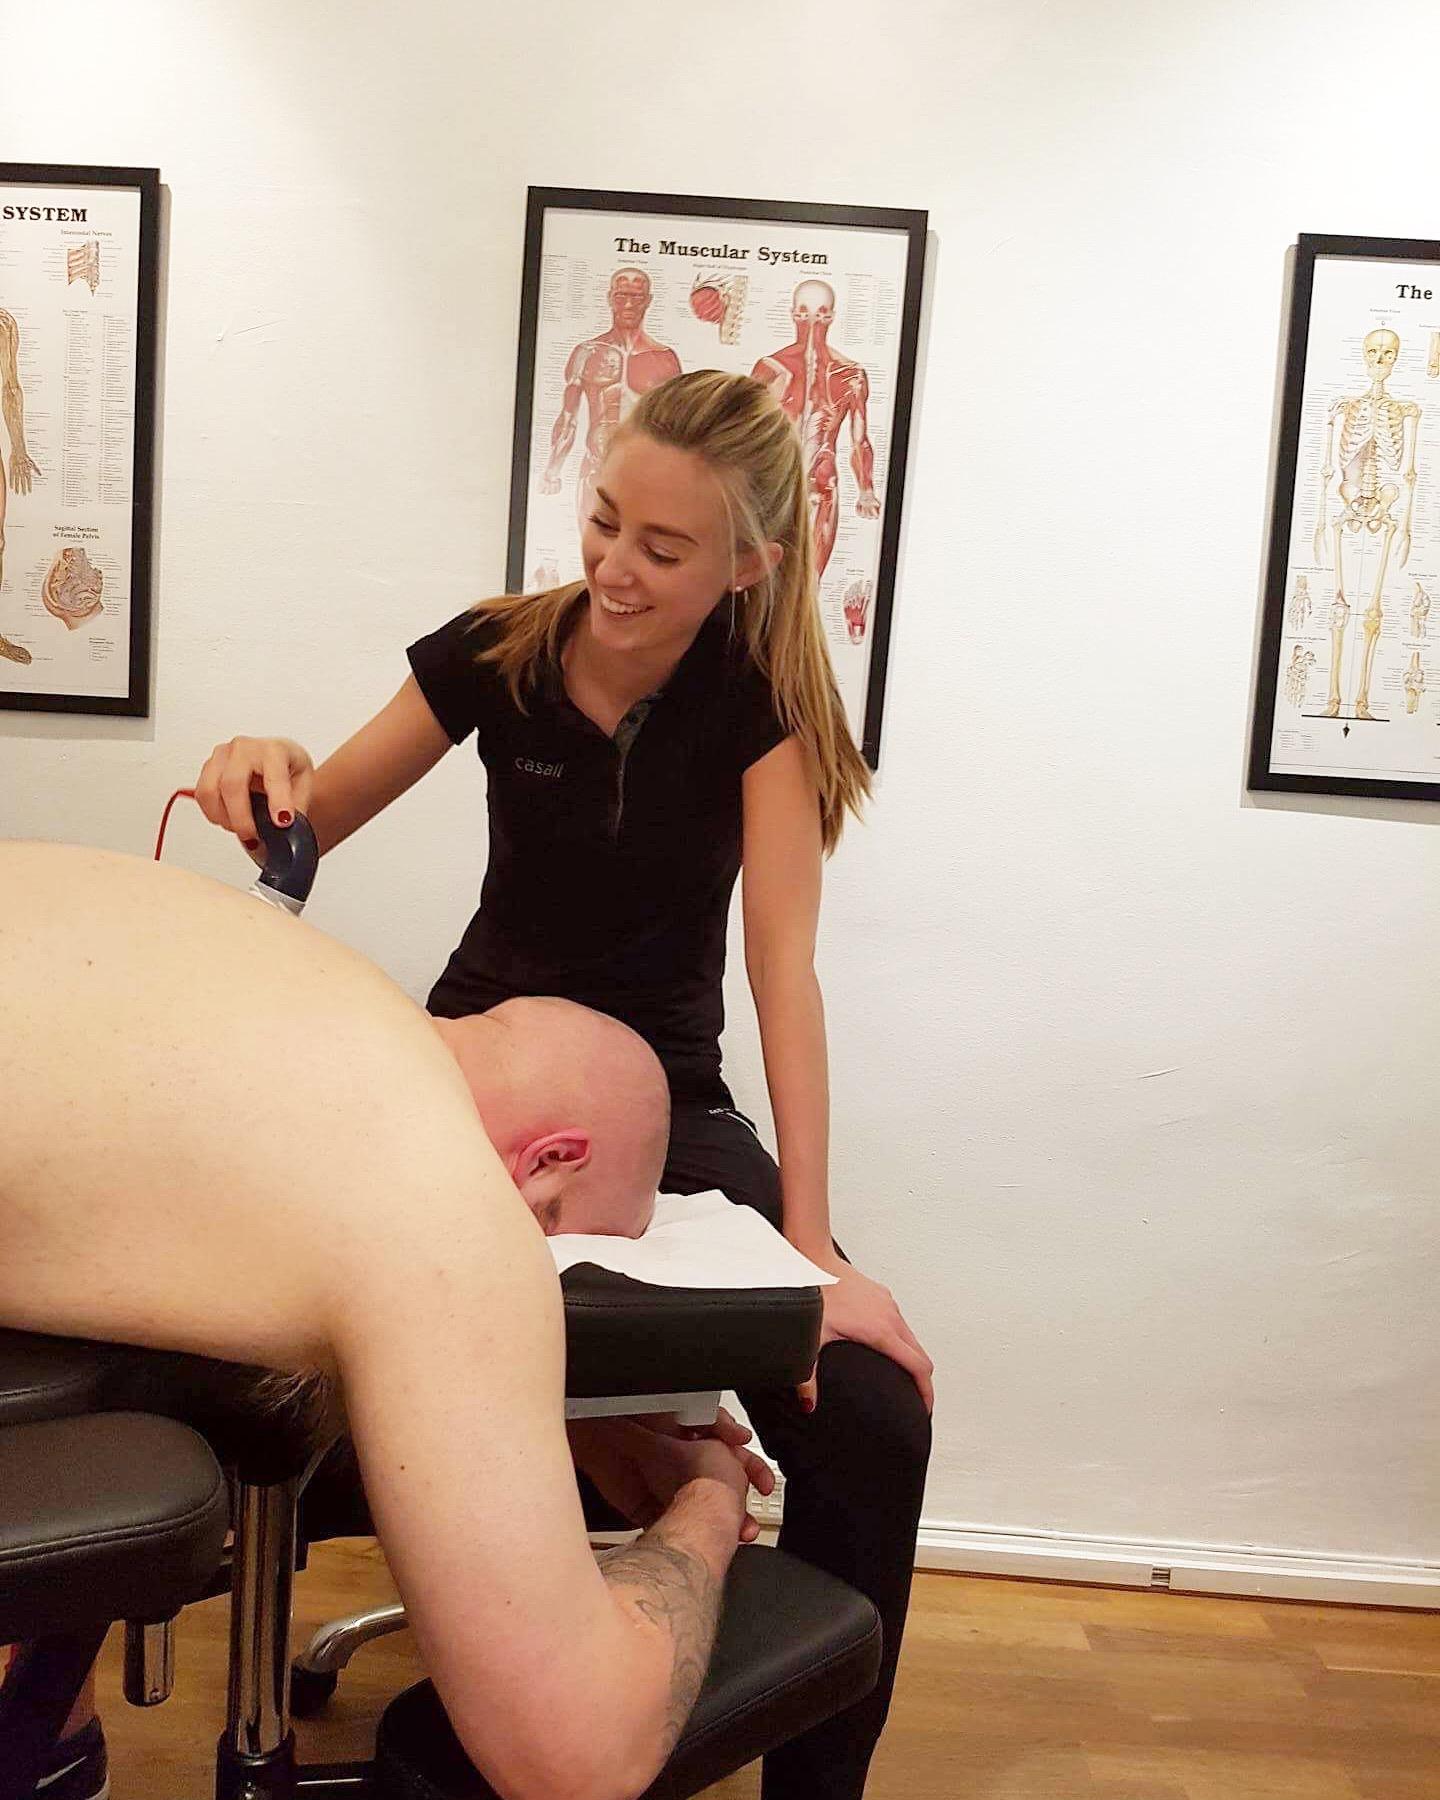 Jag har alltid kul på jobbet. Här fotar en av mina patienter mig när jag behandlar hennes kompis som ligger på bänken.